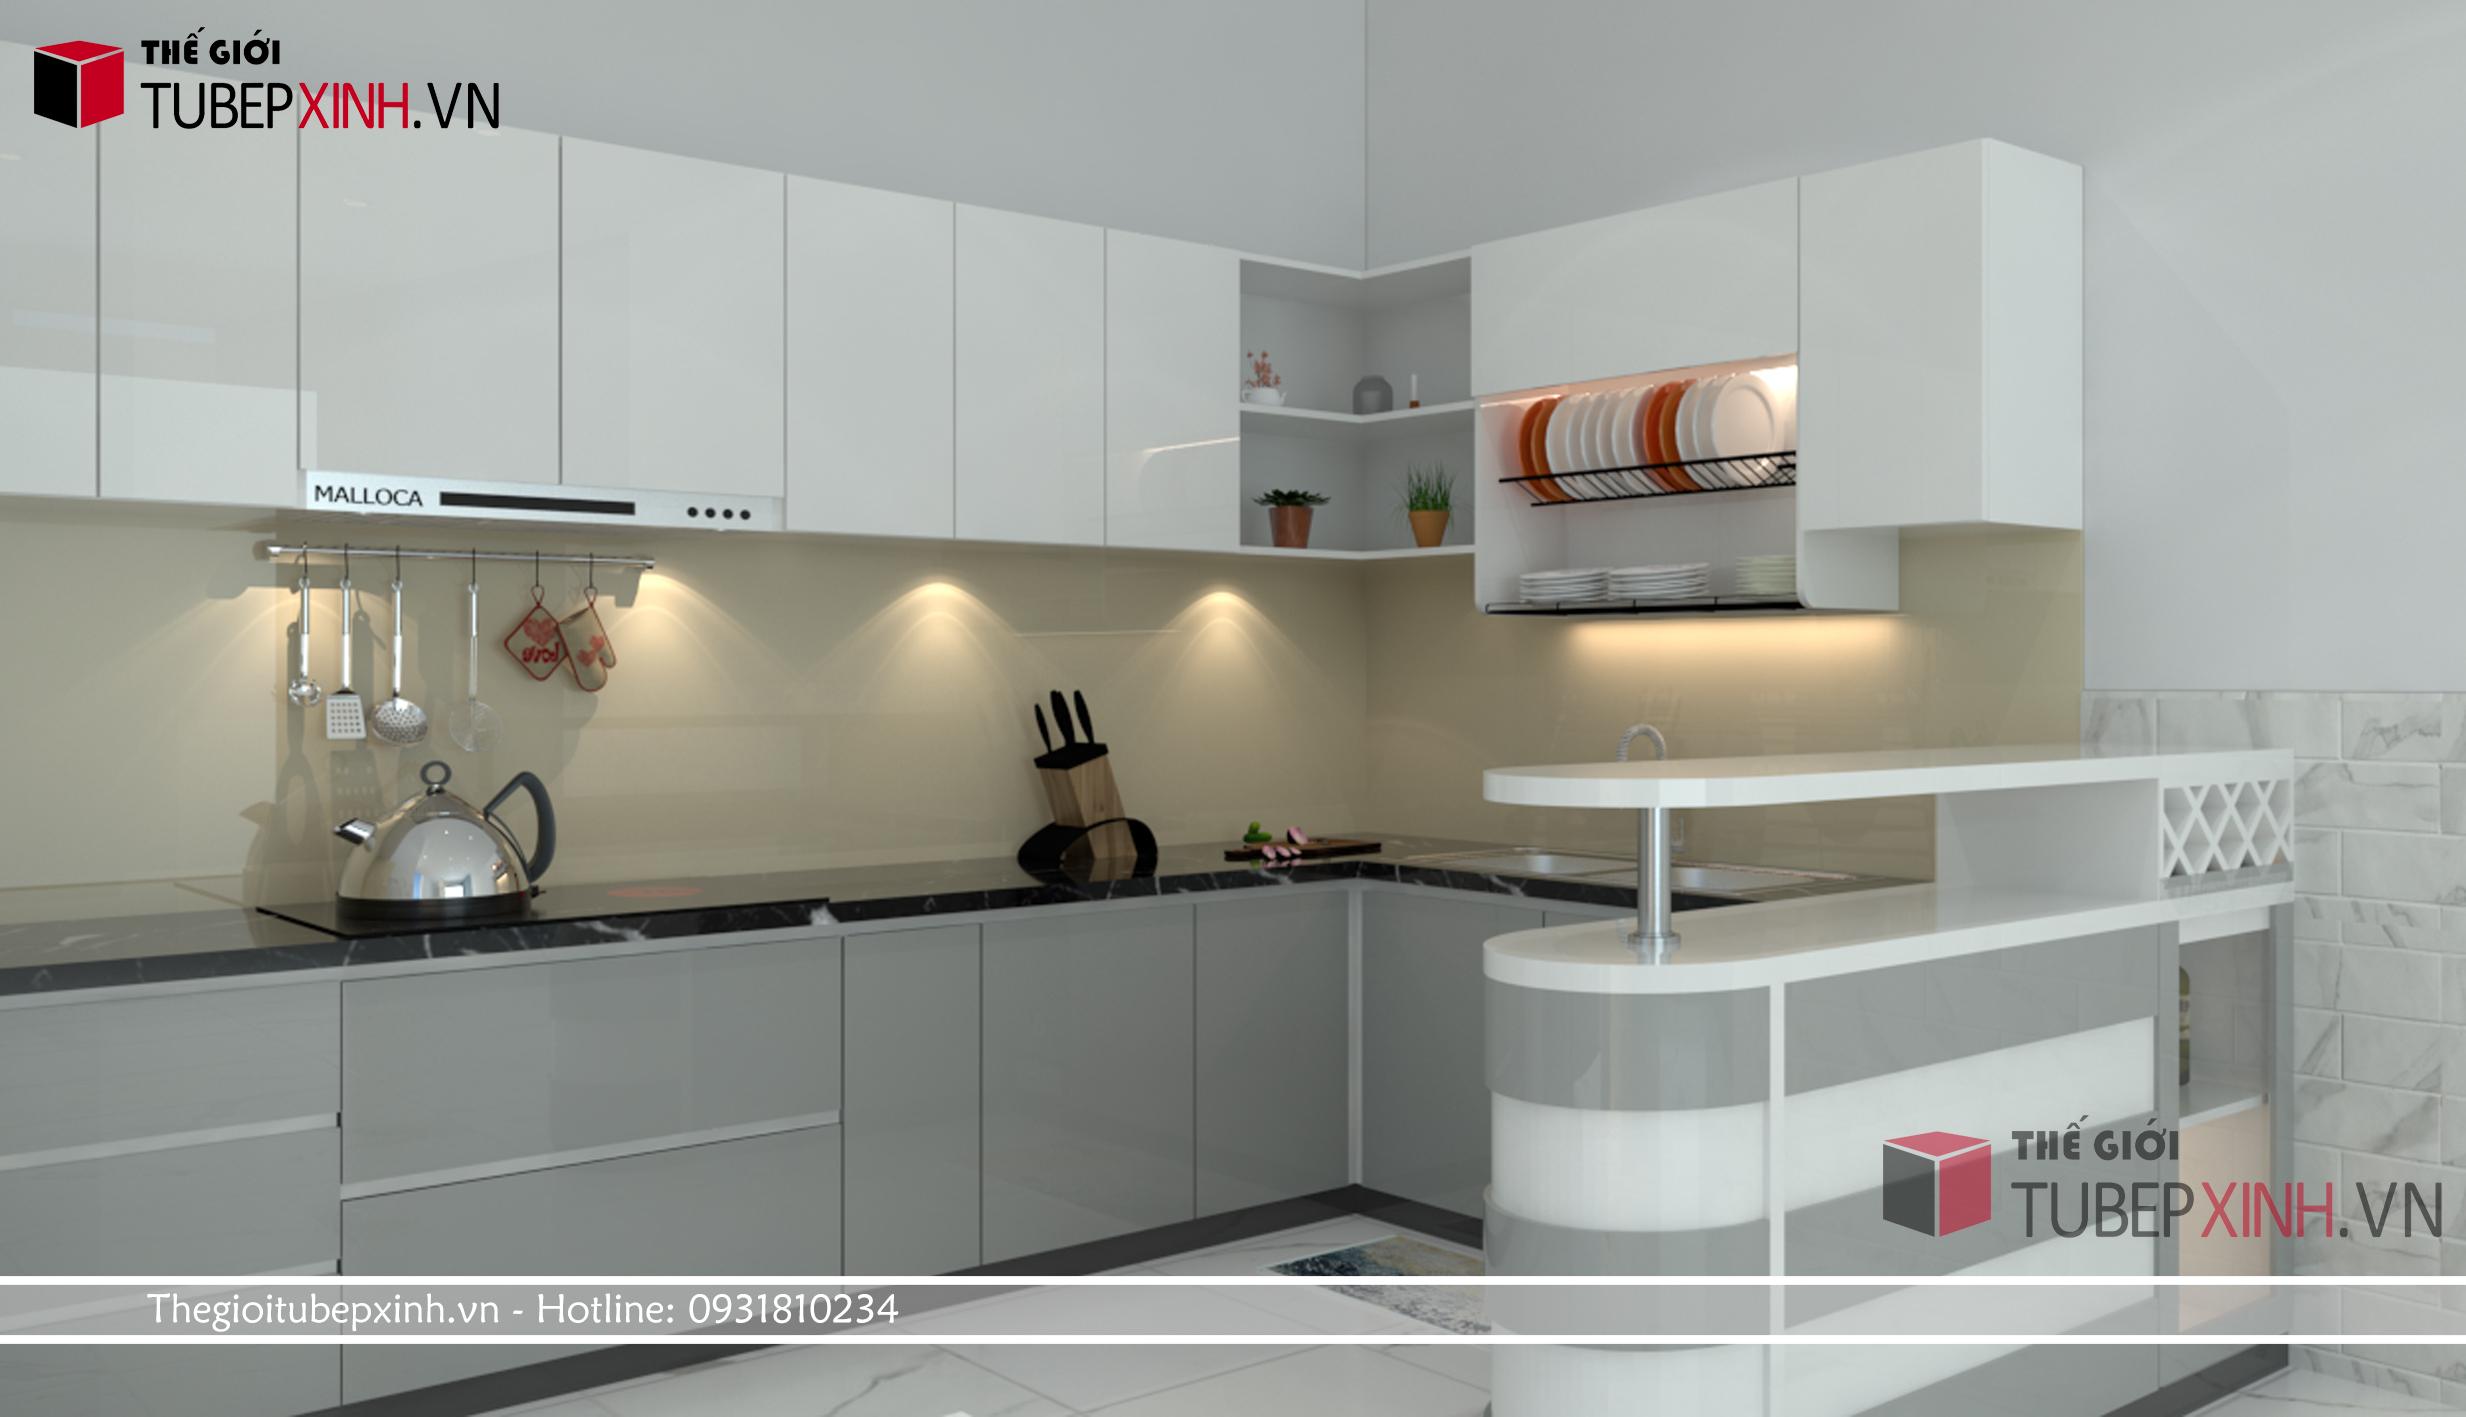 Tủ bếp kiêu dáng hiện đại với độ bóng gương cao mang đến vẻ sang trọng